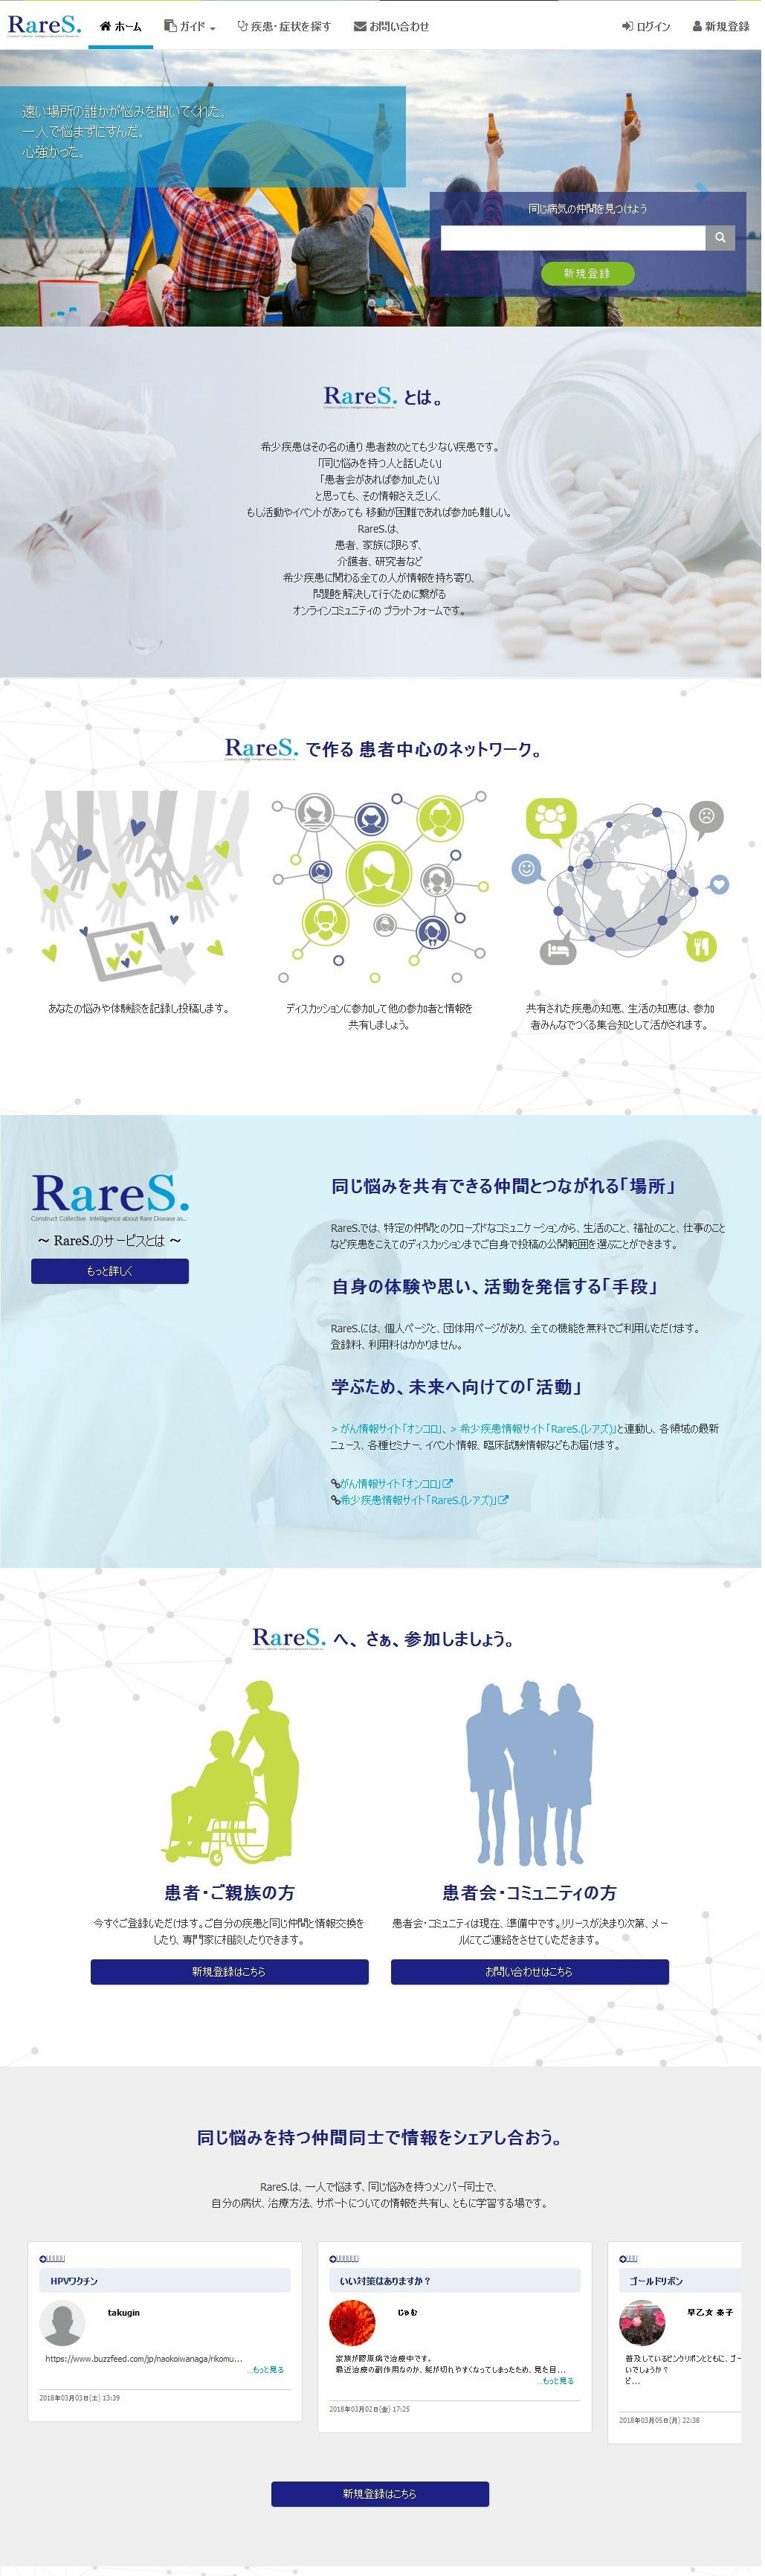 希少疾患の悩みや情報を共有~ポータルサイト「RareS.」を開設